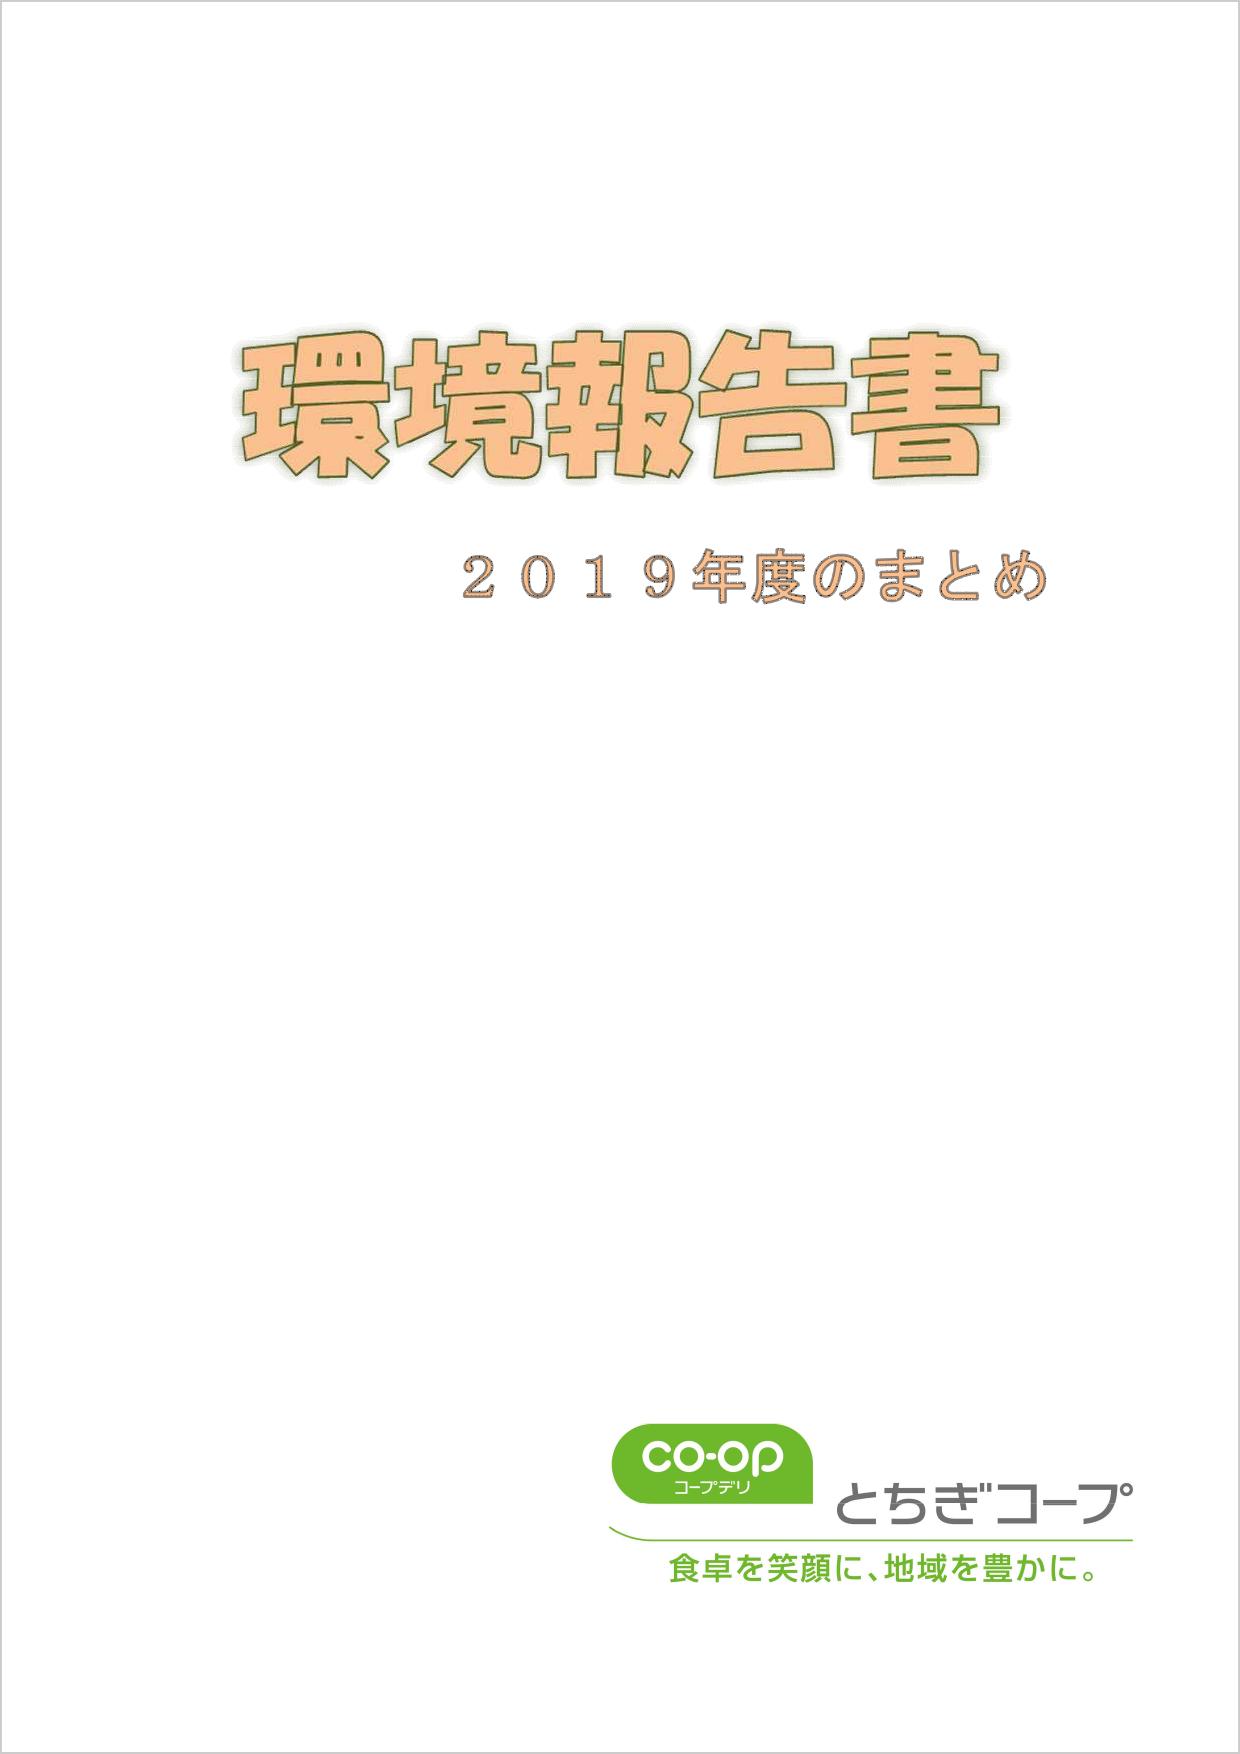 とちぎコープの環境報告書